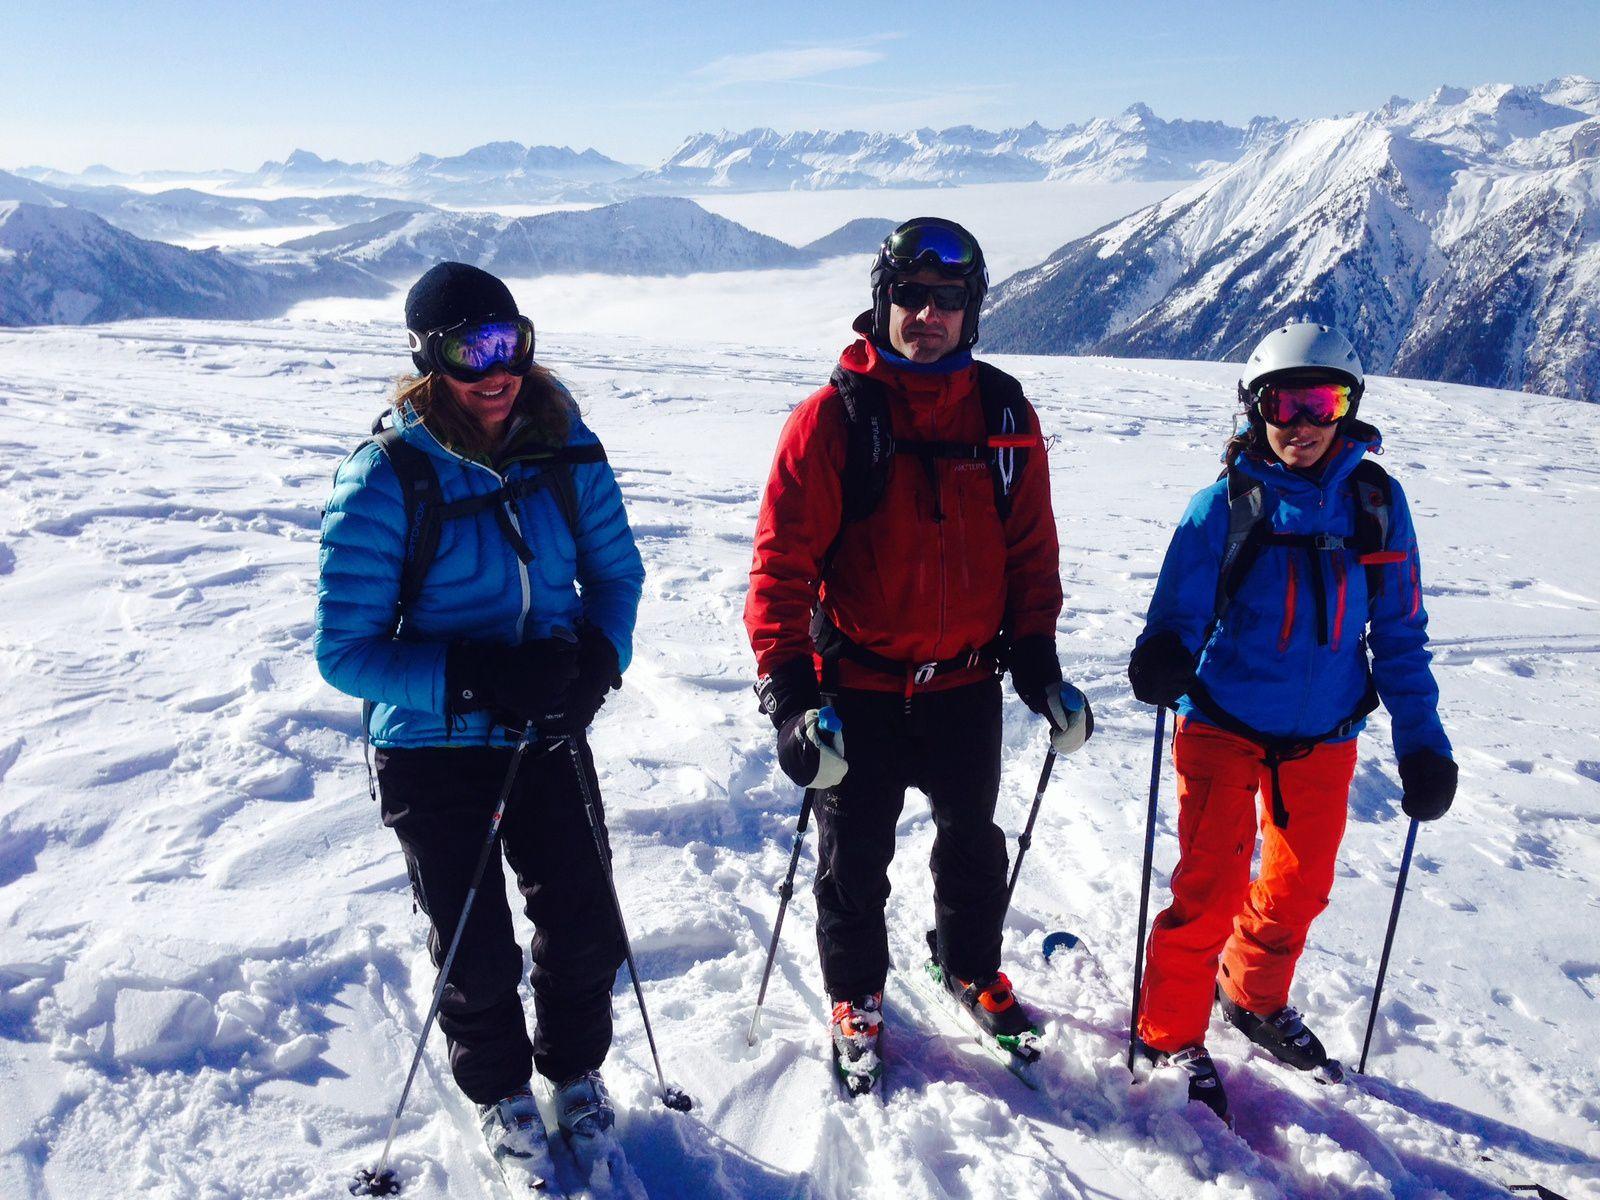 Hors pistes dans la vallée de Chamonix Mont Blanc avec Yasmine, Philippe et Guidette.